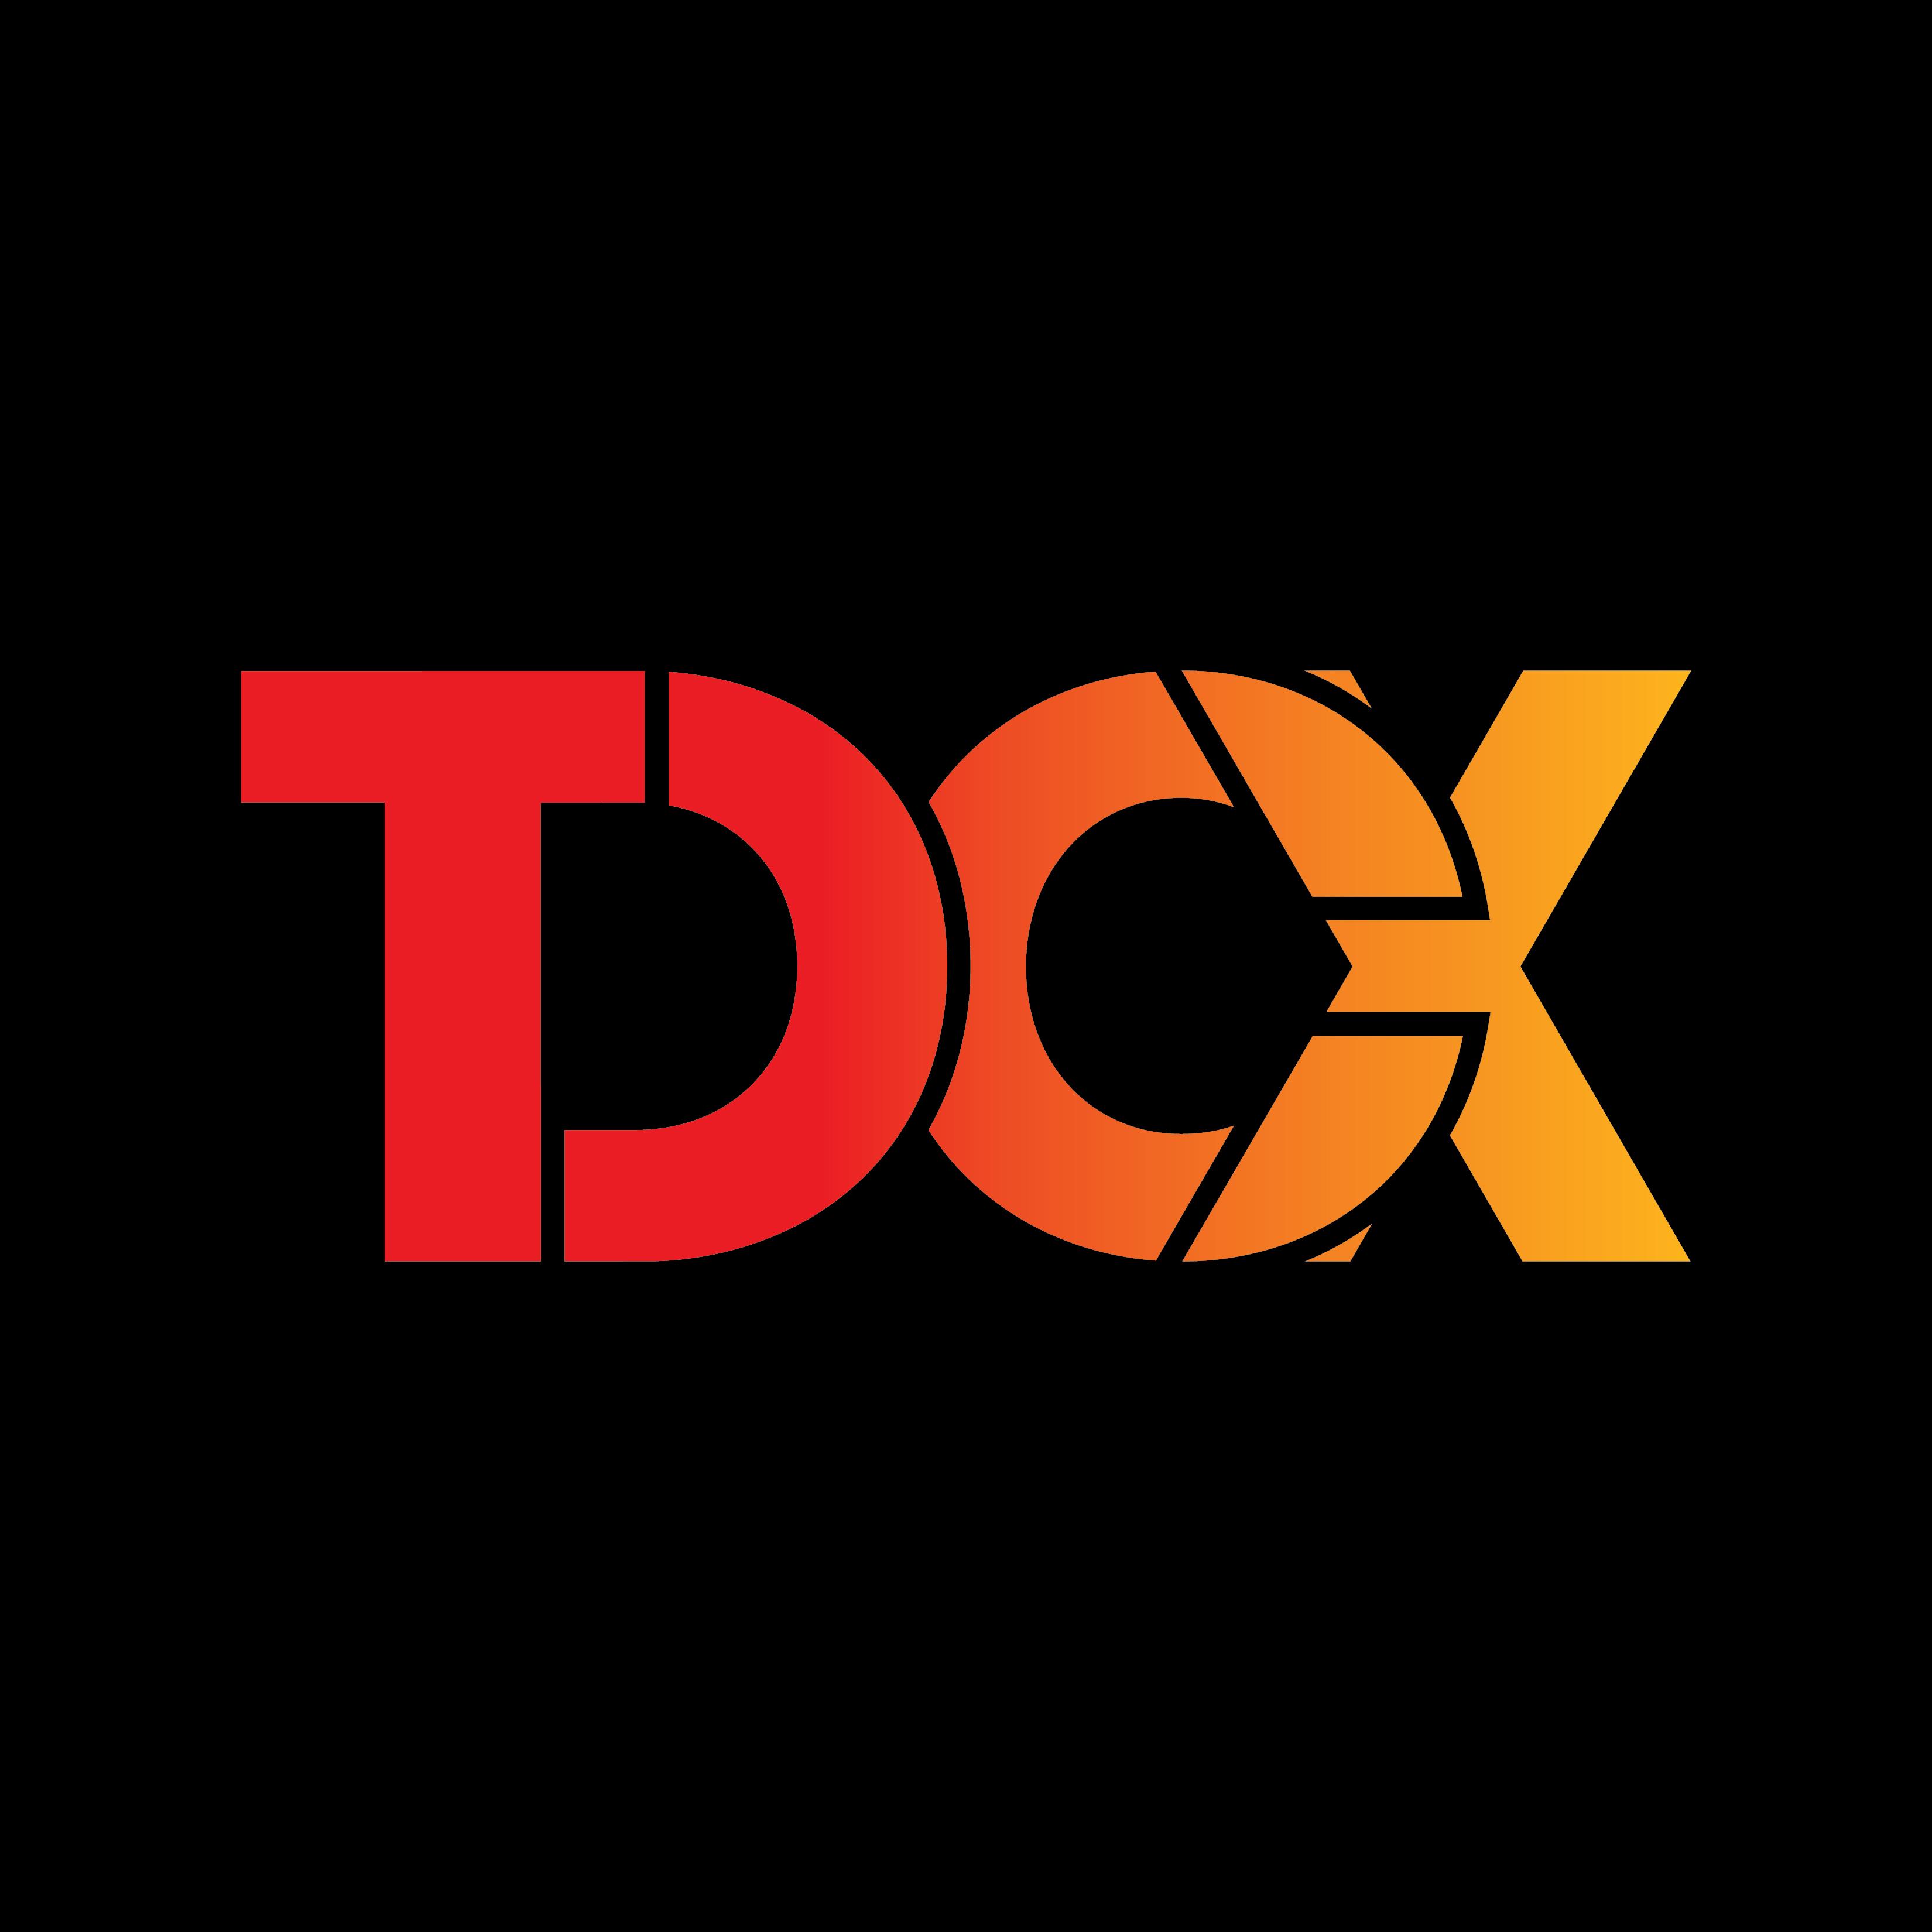 TDCX Logo